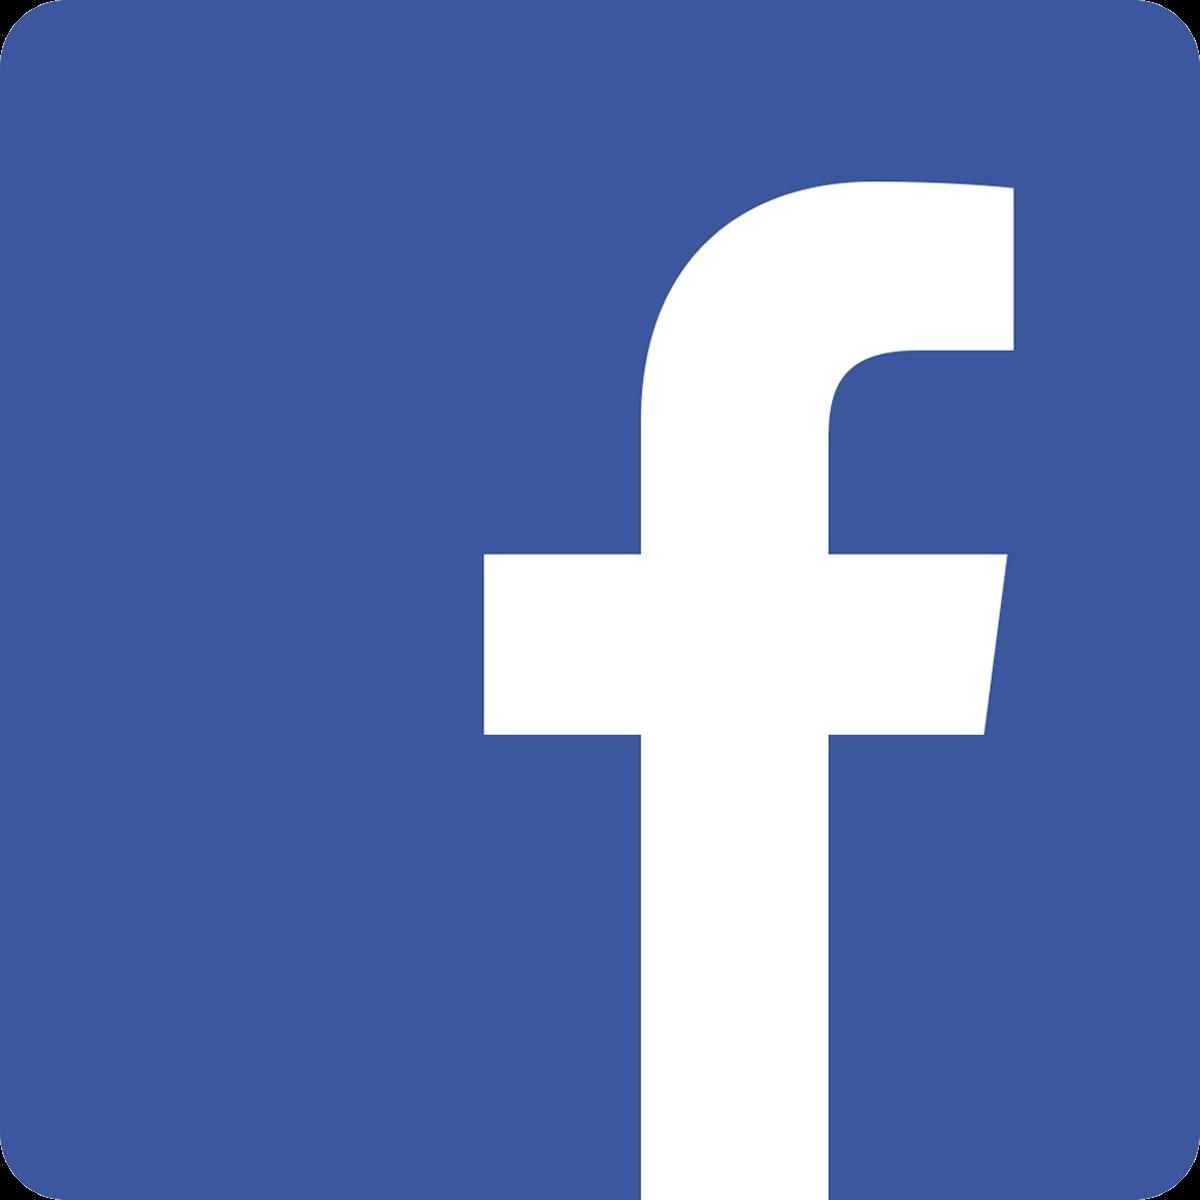 Facebook Texas Icon